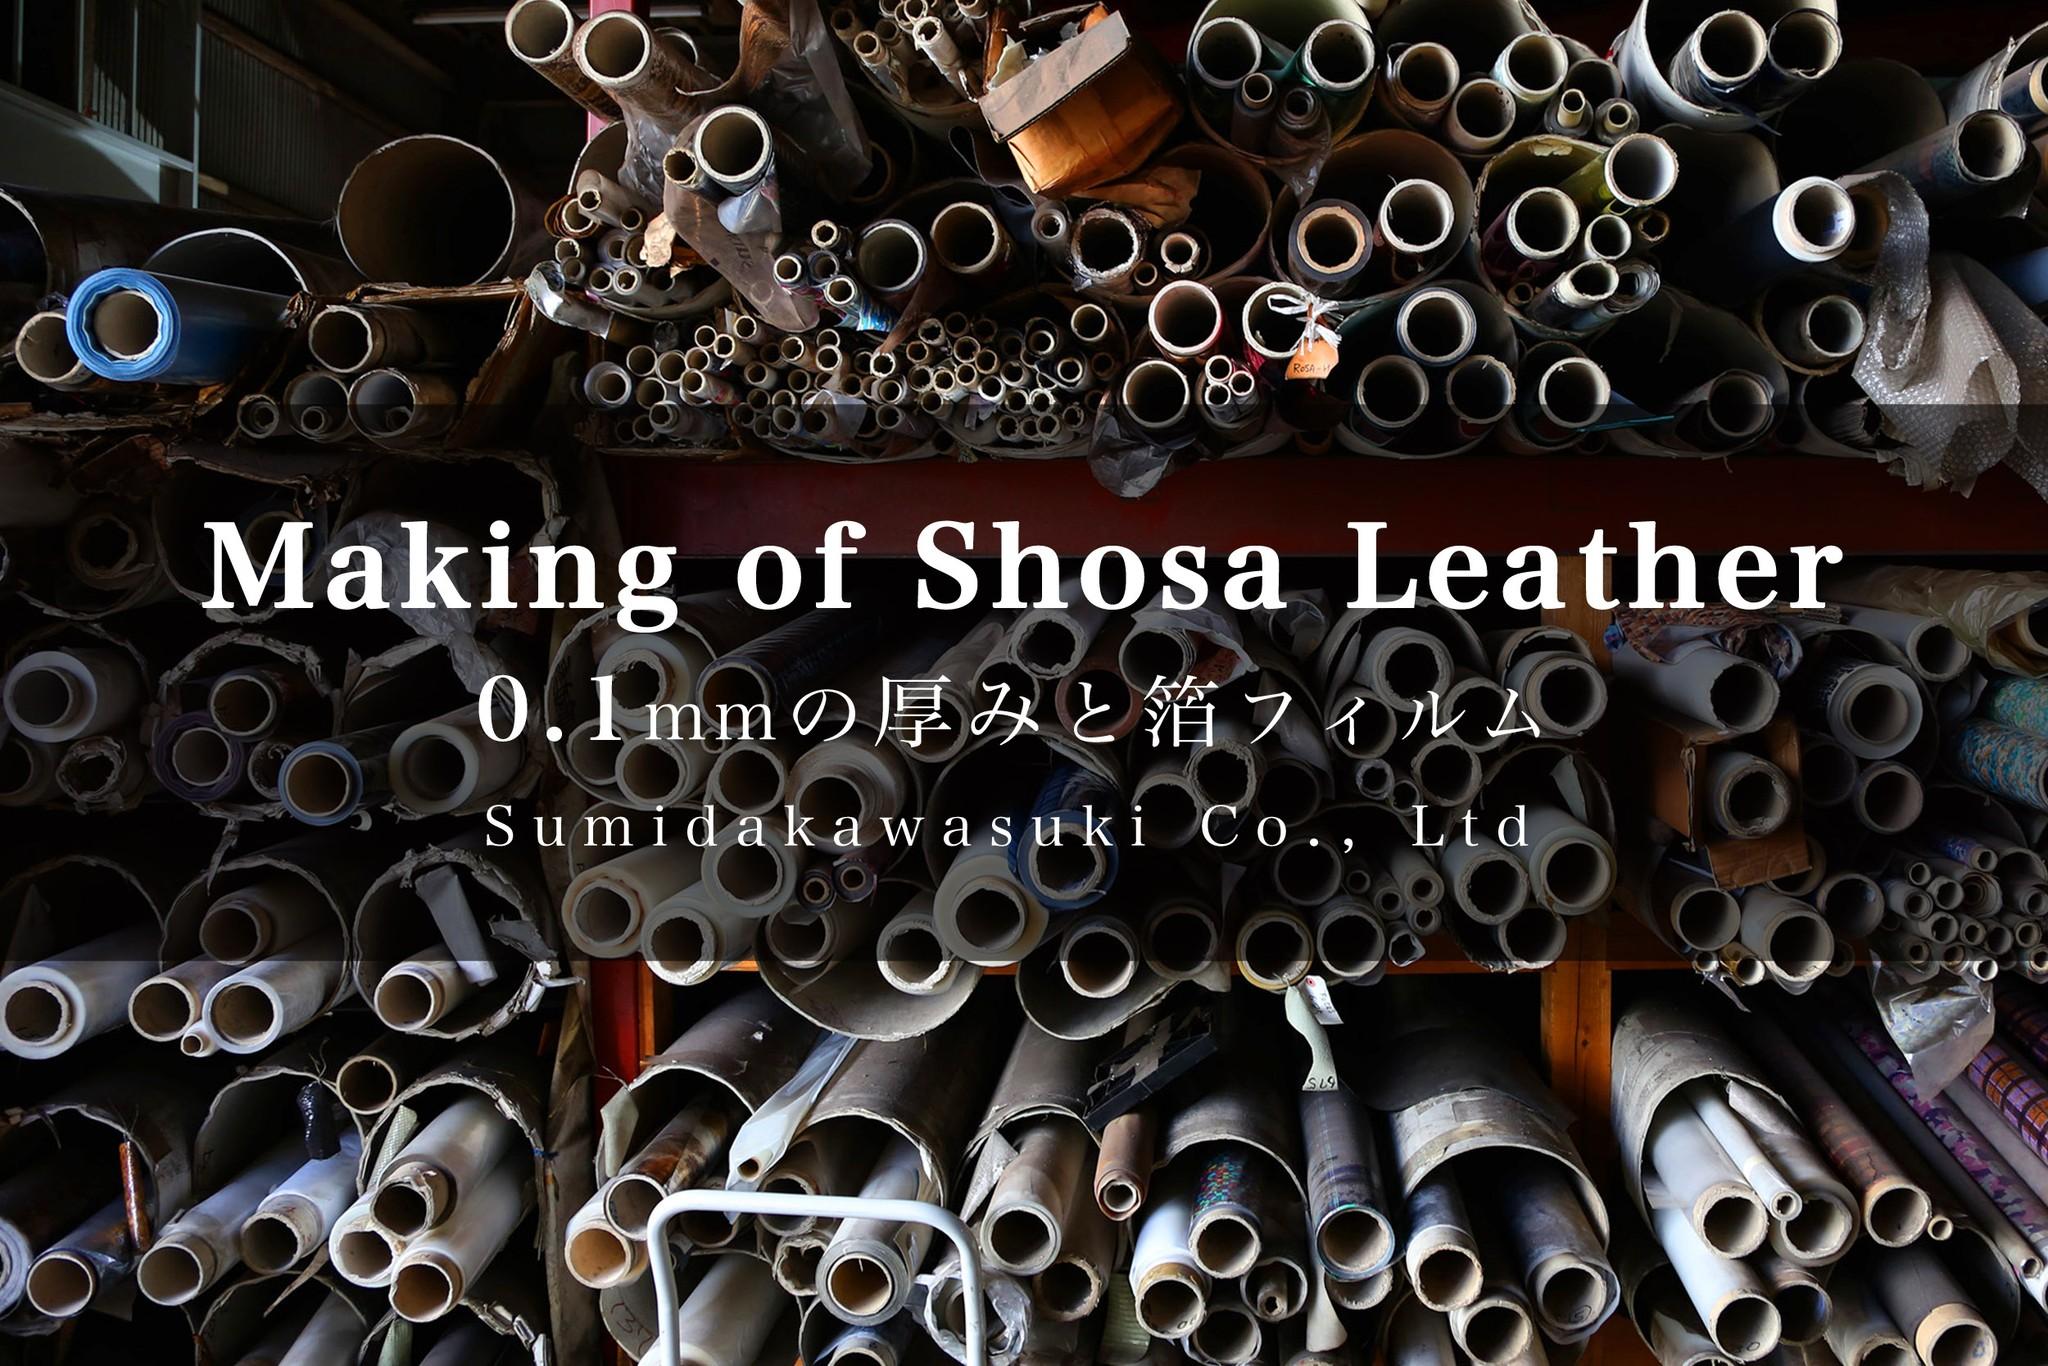 日本一の革漉き屋 / 0.1mmの厚みと所作の革の裏の話